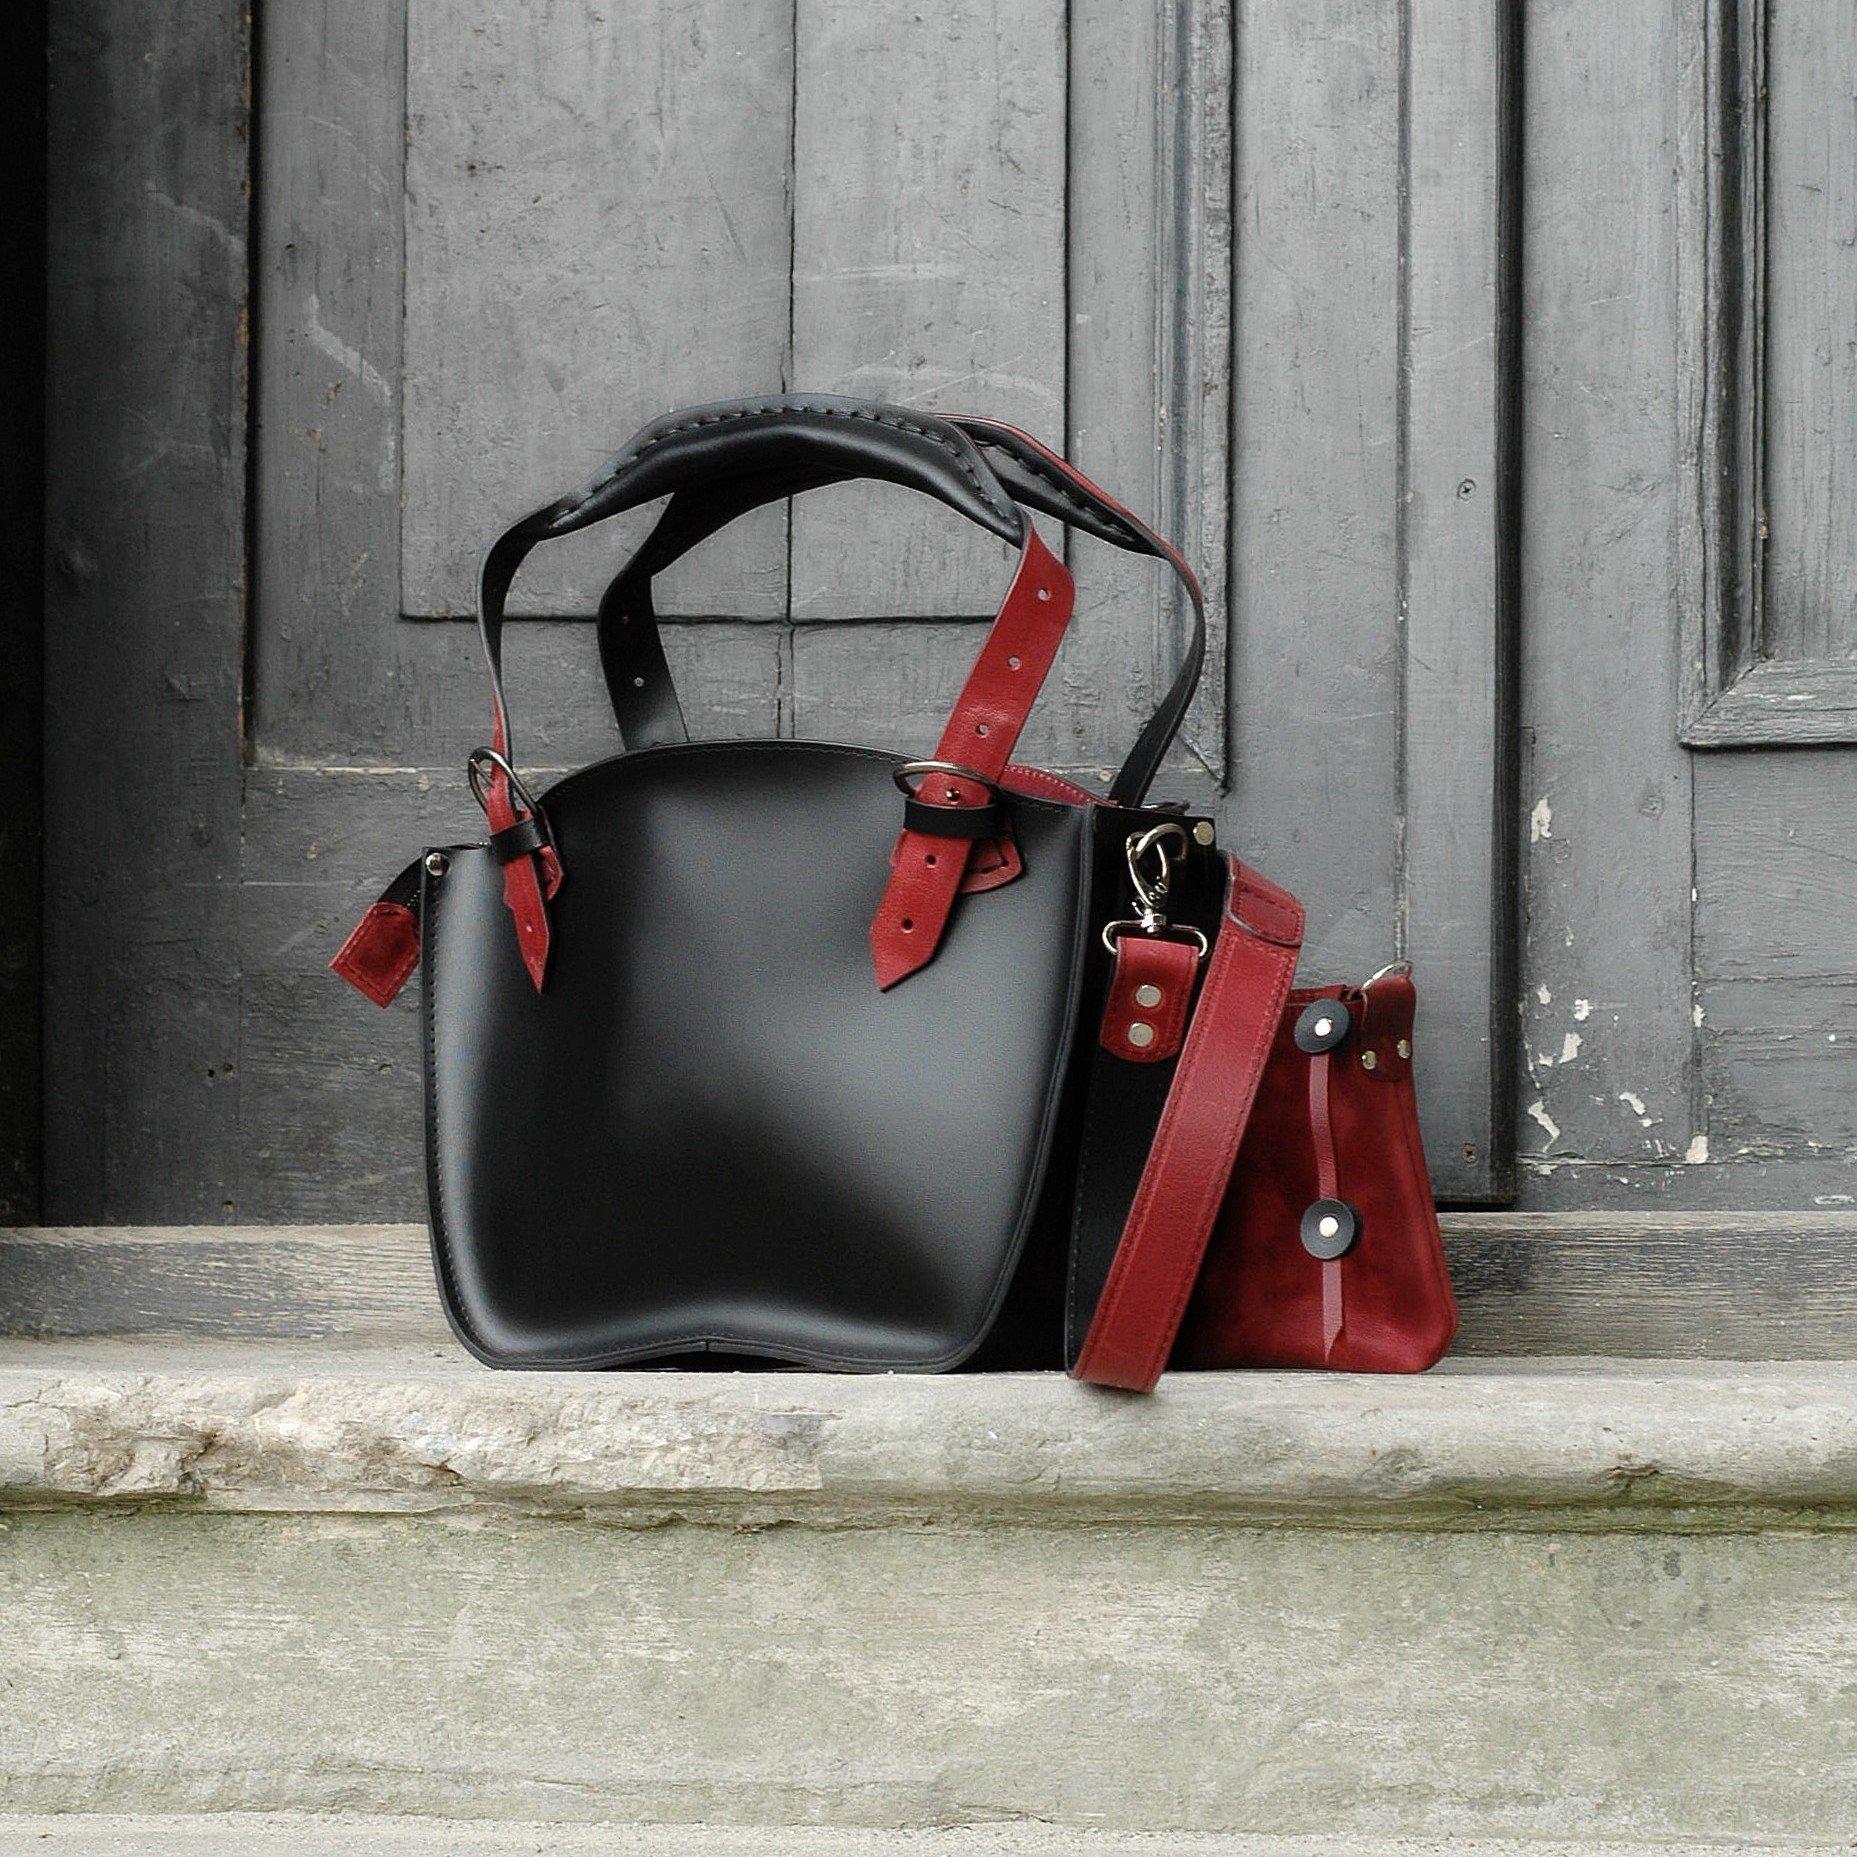 Handmade & Handstiched Leather Designer Tote Bag, Black & Raspberry, NEW